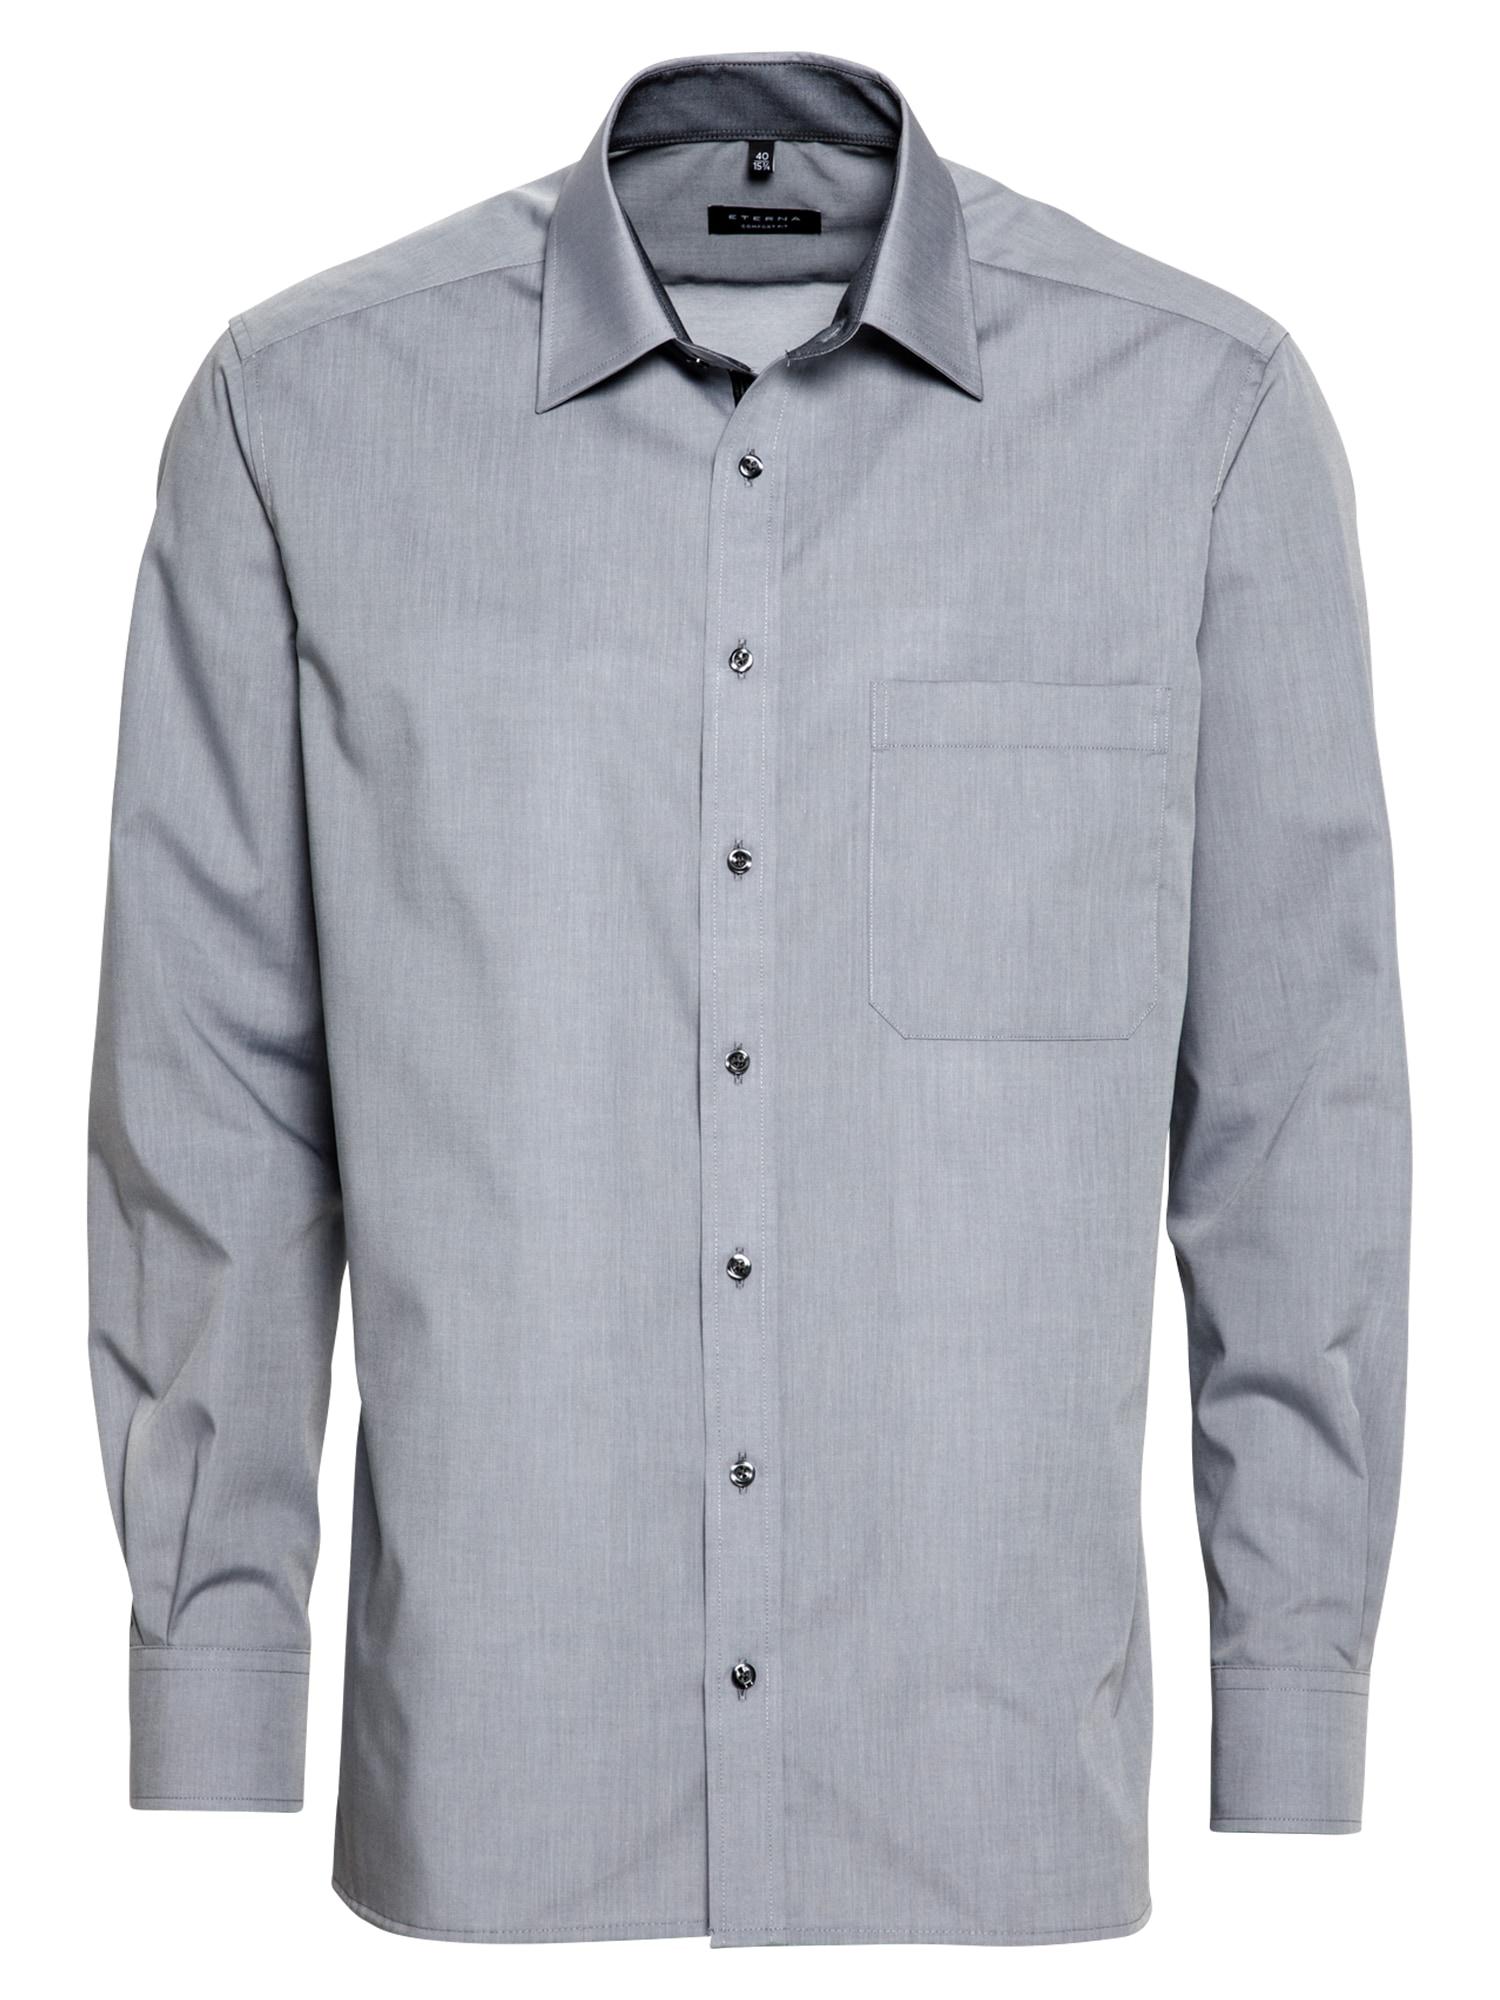 ETERNA Dalykinio stiliaus marškiniai pilka